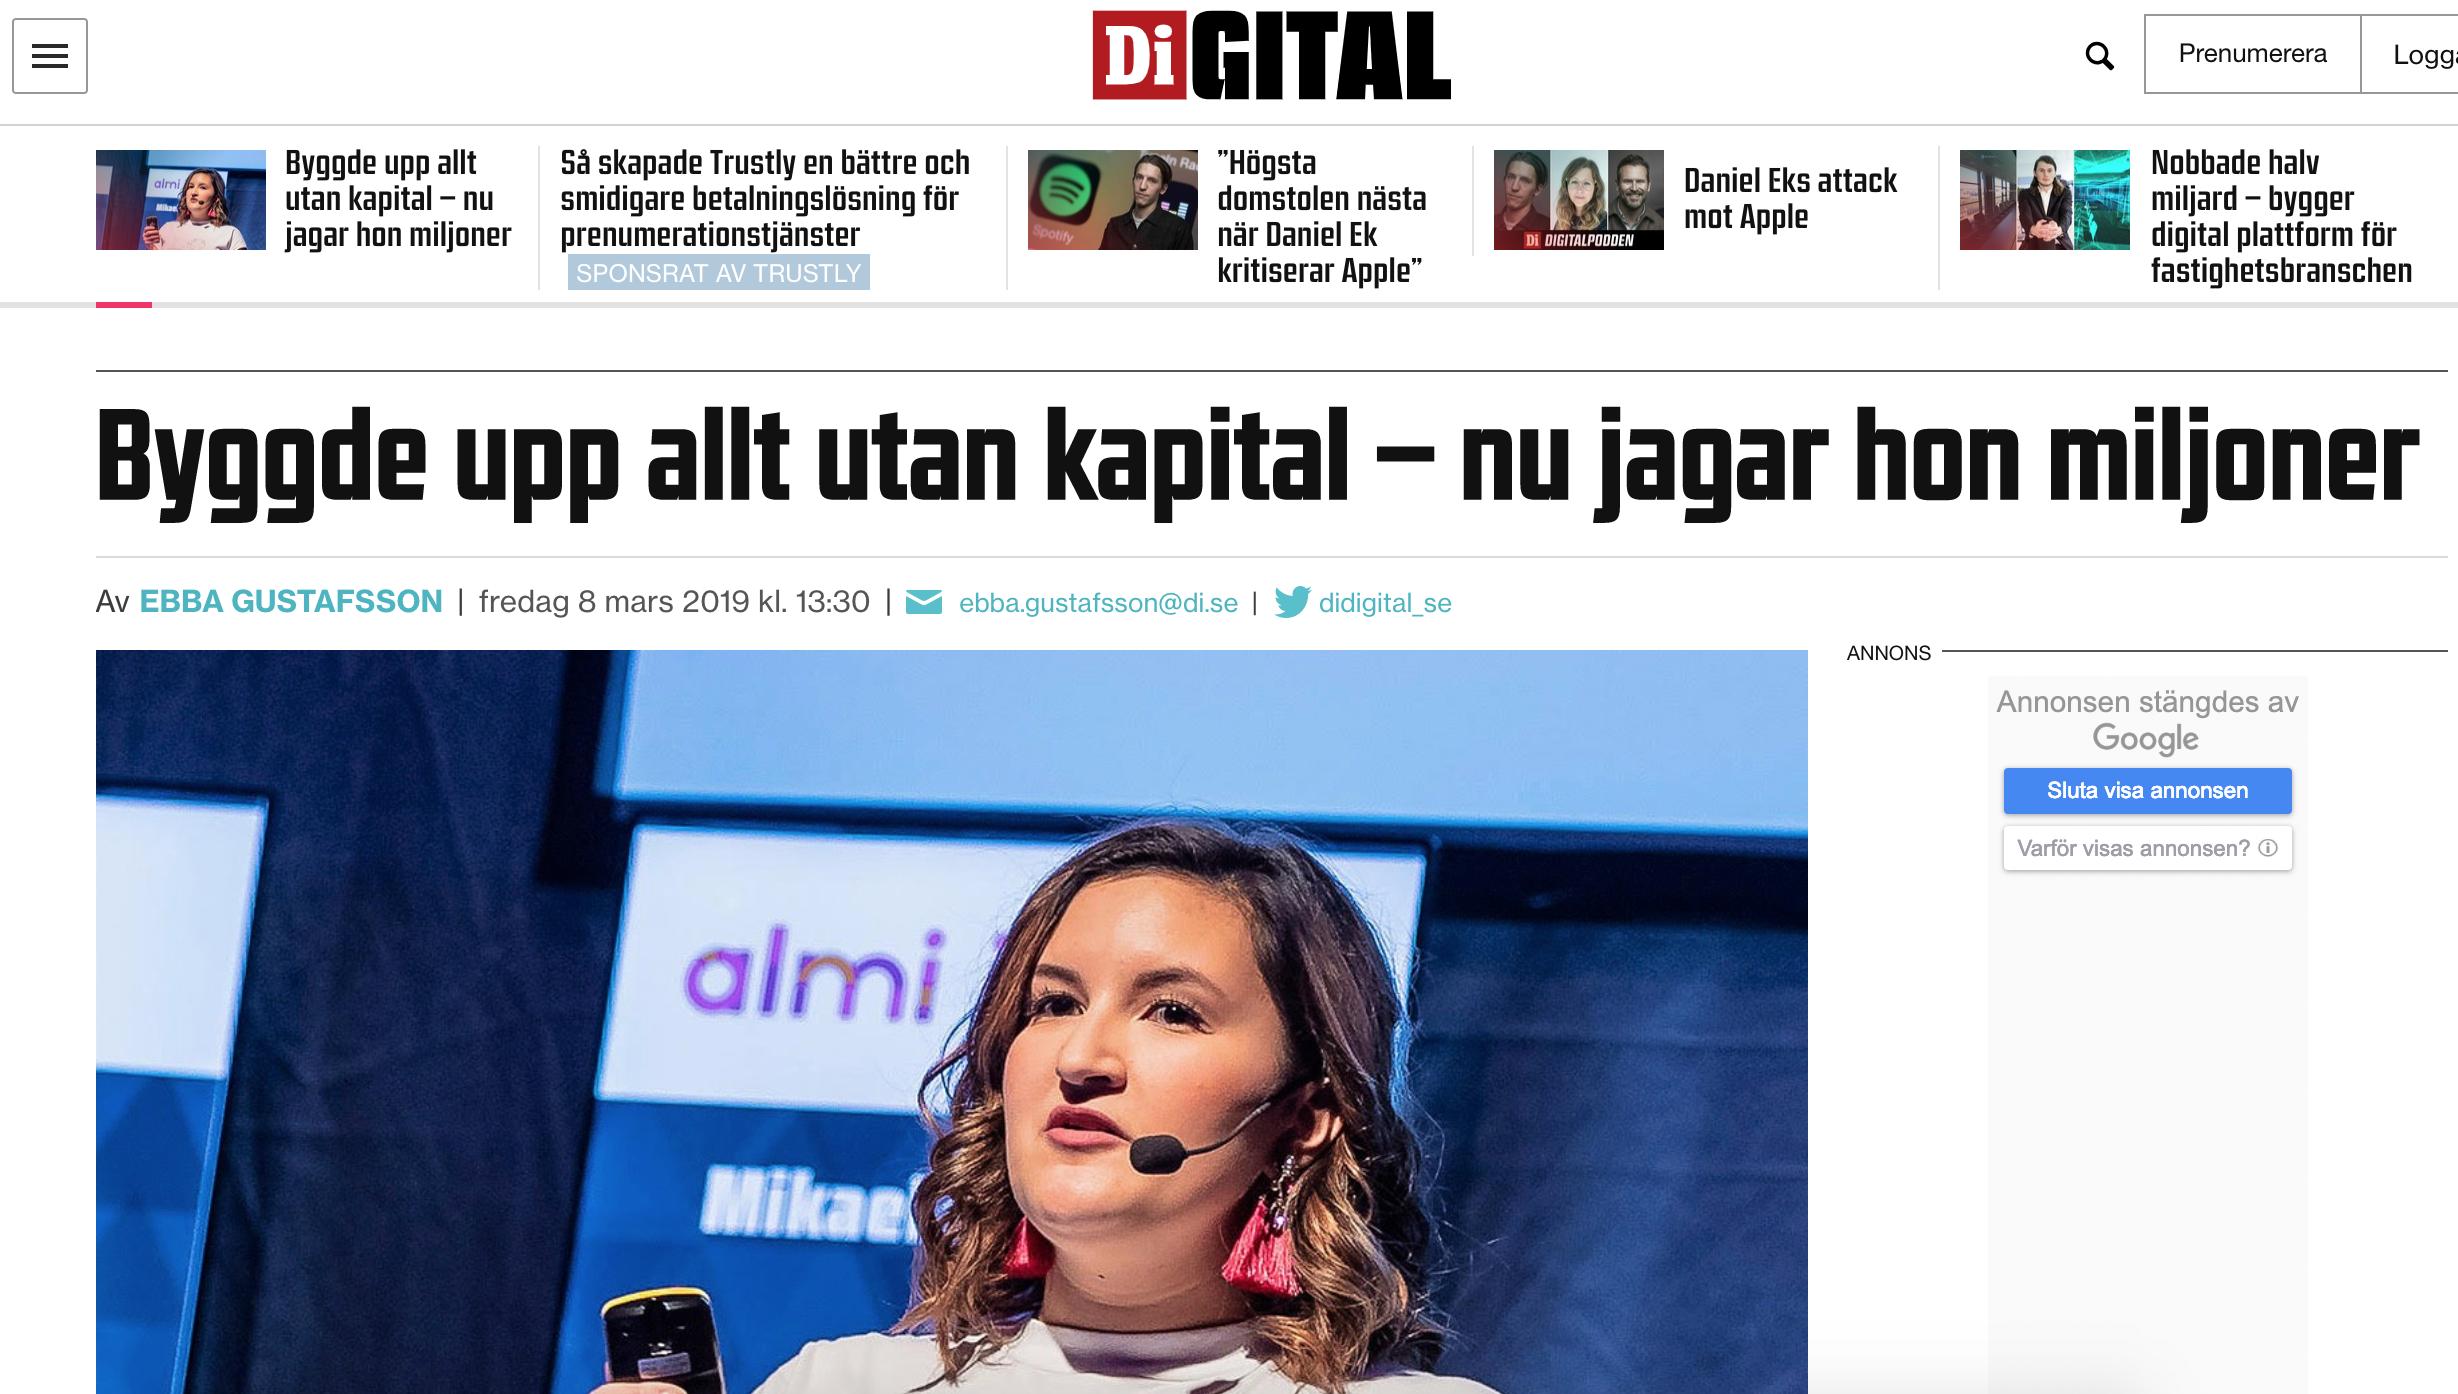 Didigital.di.se, March 2019